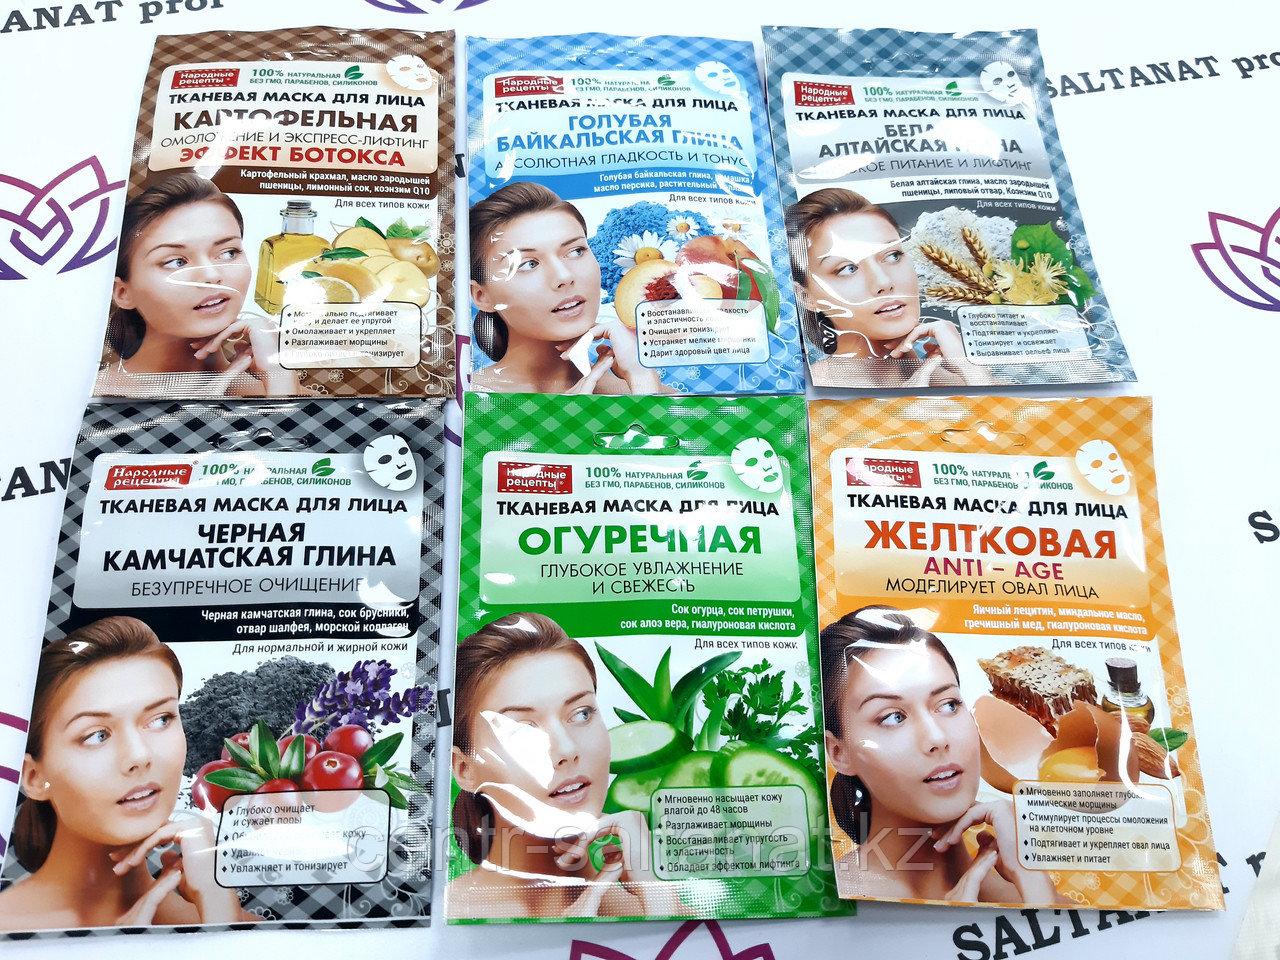 Маски тканевые натуральные, народные рецепты для лица